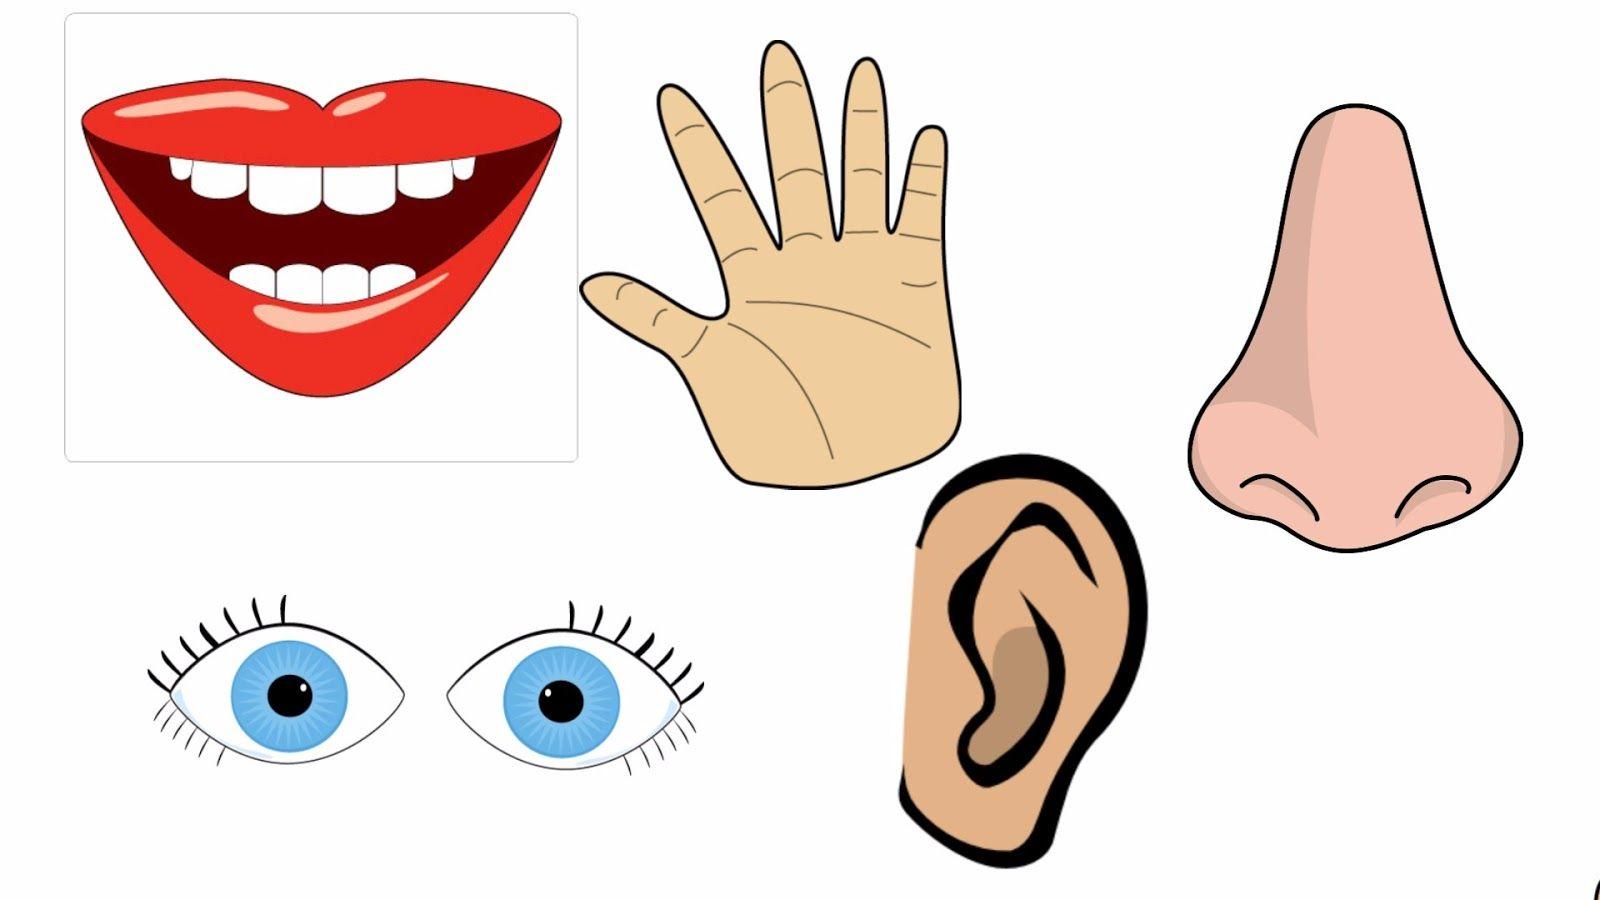 نتيجة بحث الصور عن اعضاء جسم الانسان للاطفال بالعربي Child Rearing Arabic Words Activities